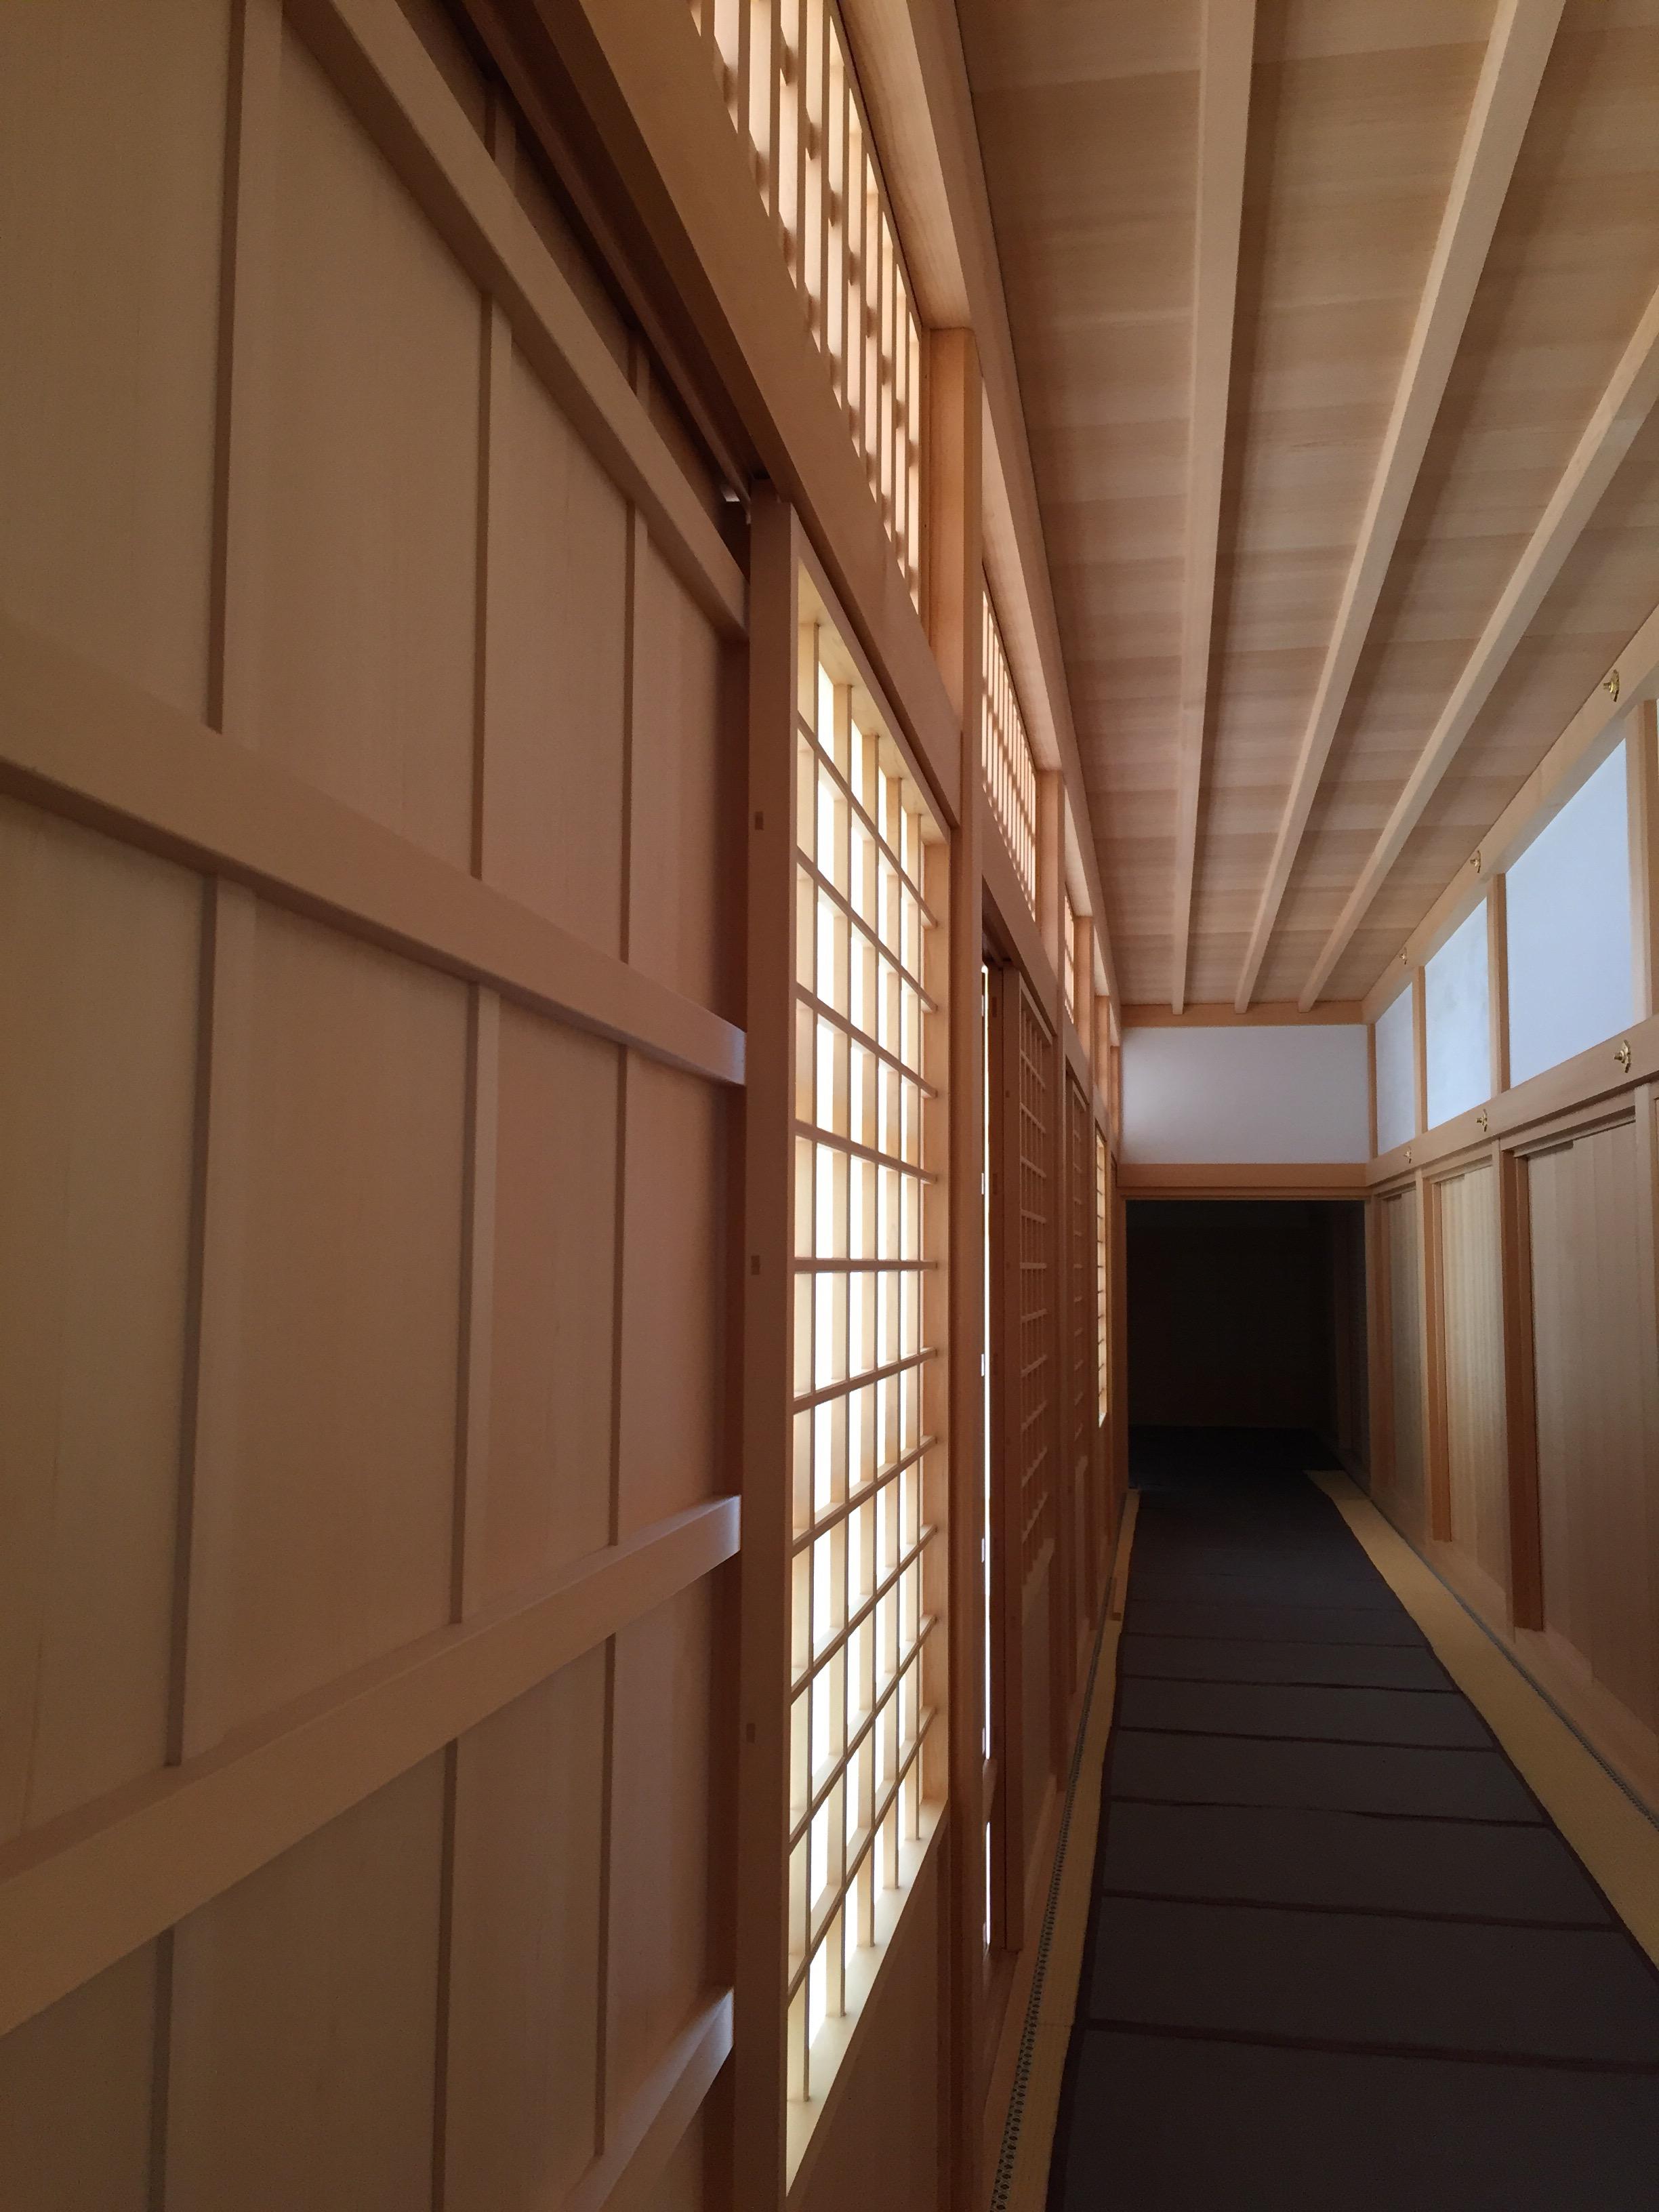 名古屋城 本丸御殿の廊下